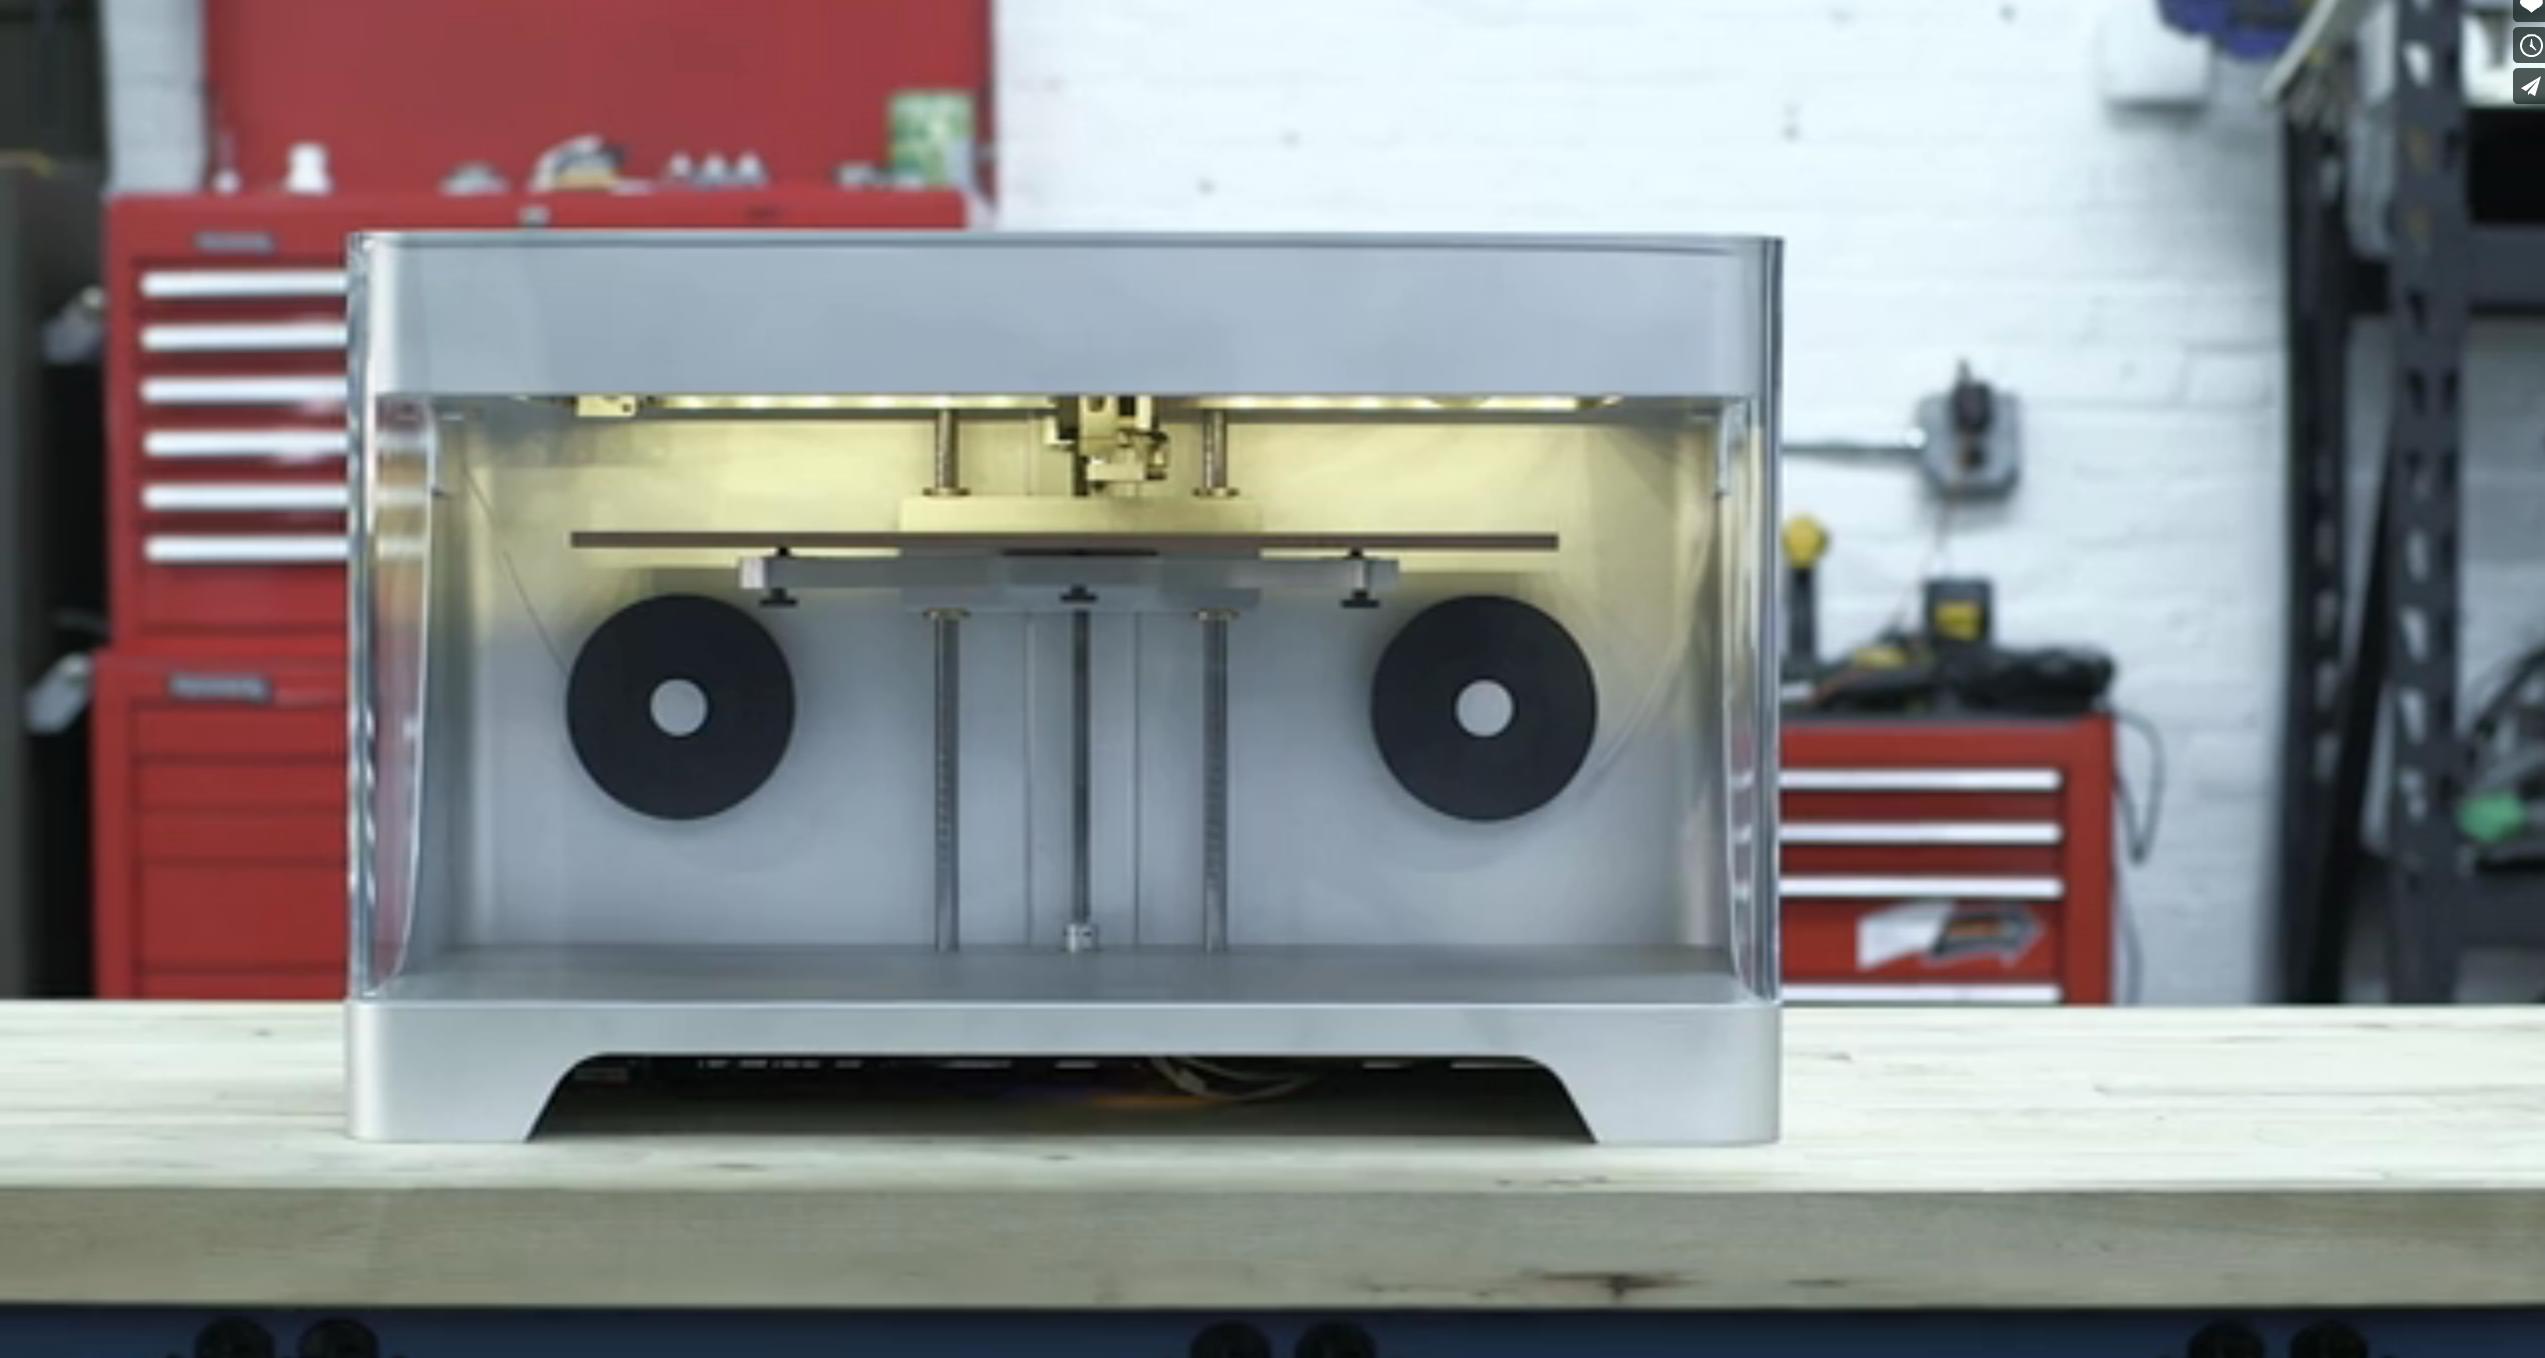 Der 3D-Drucker von Gregory Mark soll 5000 Dollar kosten und wird Mitte des Jahres ausgeliefert. Er soll weltweit der erste sein, der Karbonfasern verarbeiten kann.